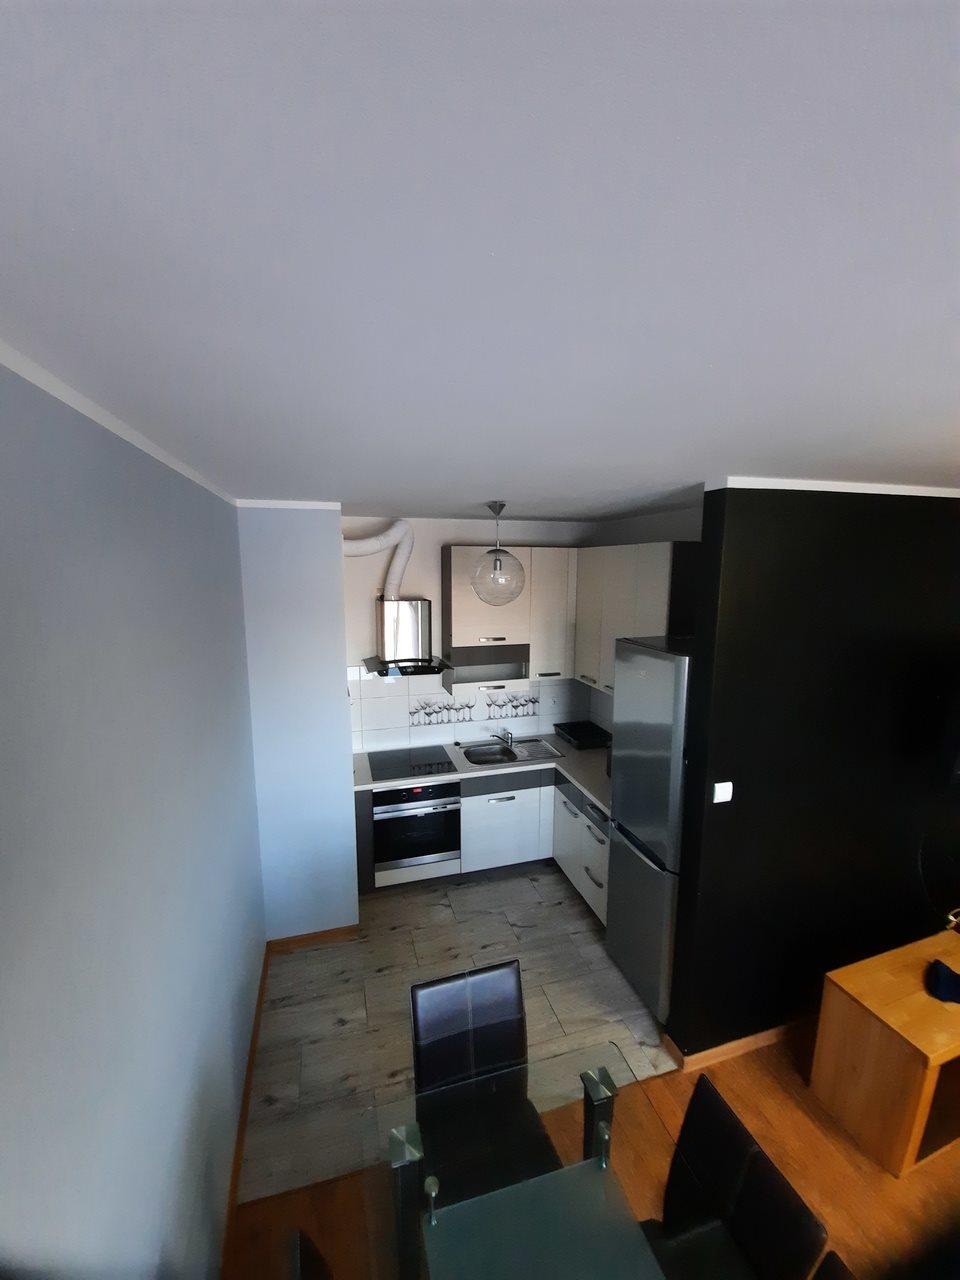 Mieszkanie dwupokojowe na sprzedaż Iława, ostródzkie, ostródzka 56  47m2 Foto 3